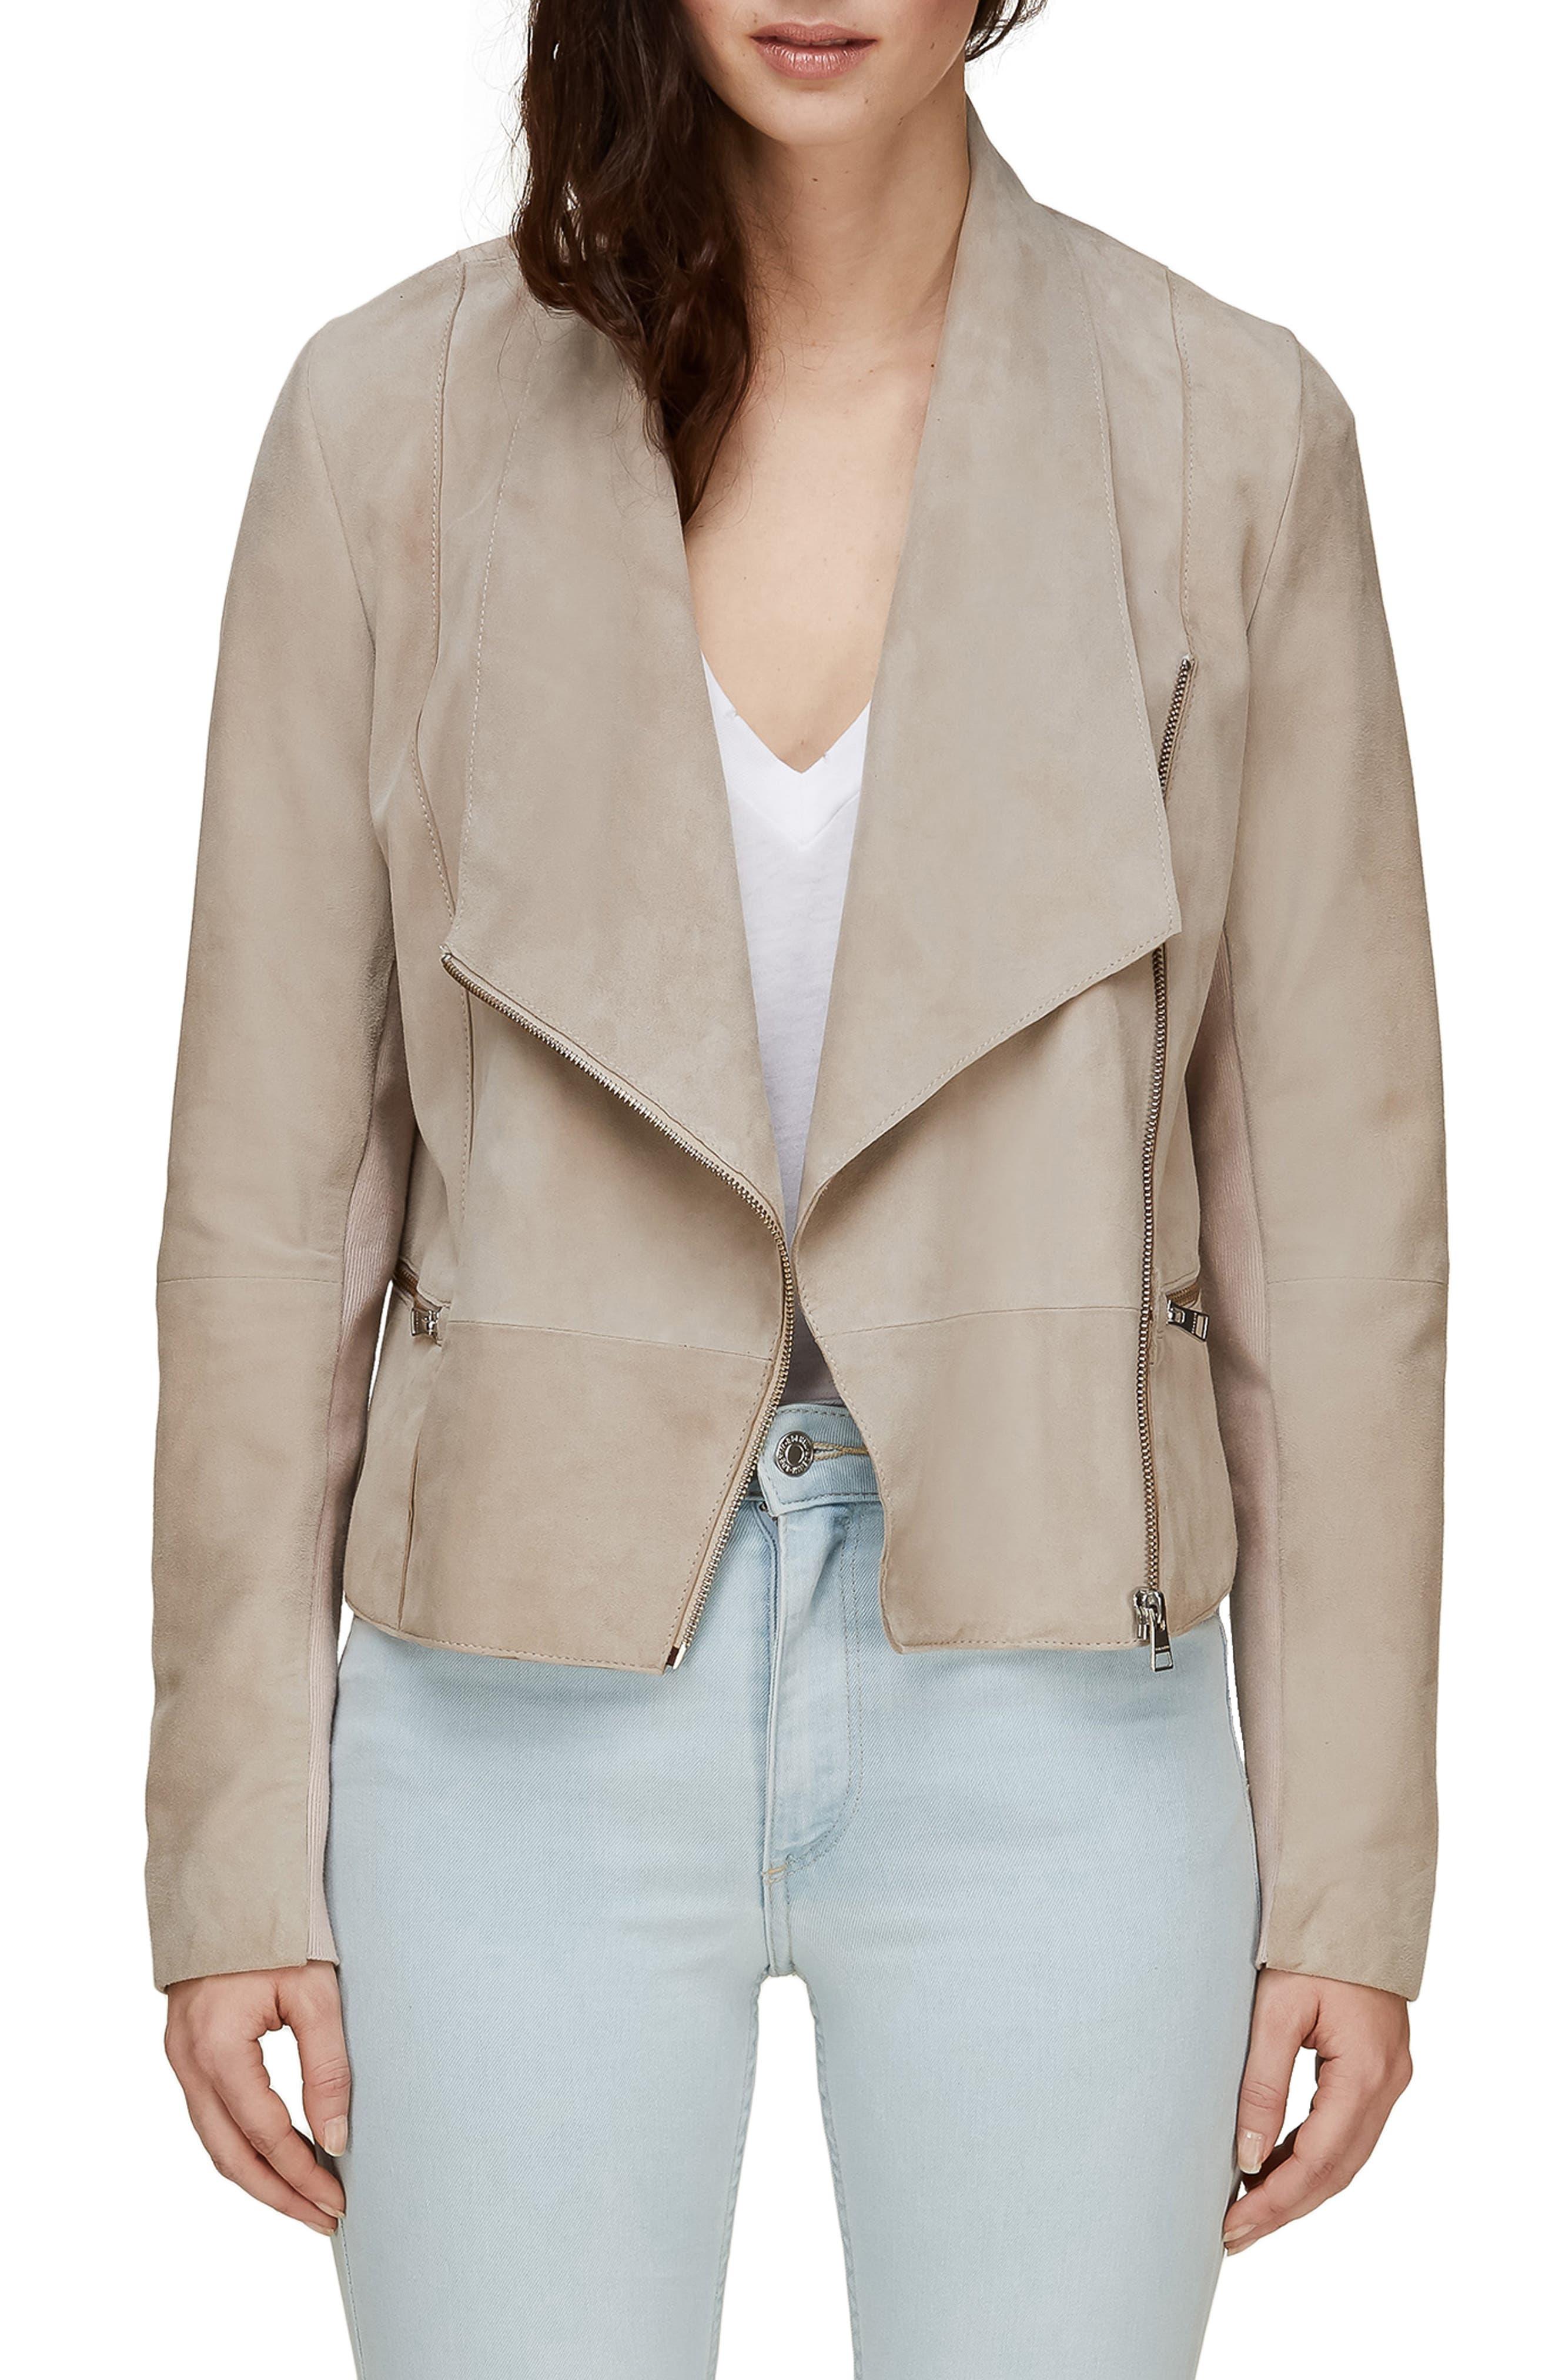 SOIA & KYO Crop Suede Jacket, Main, color, 250